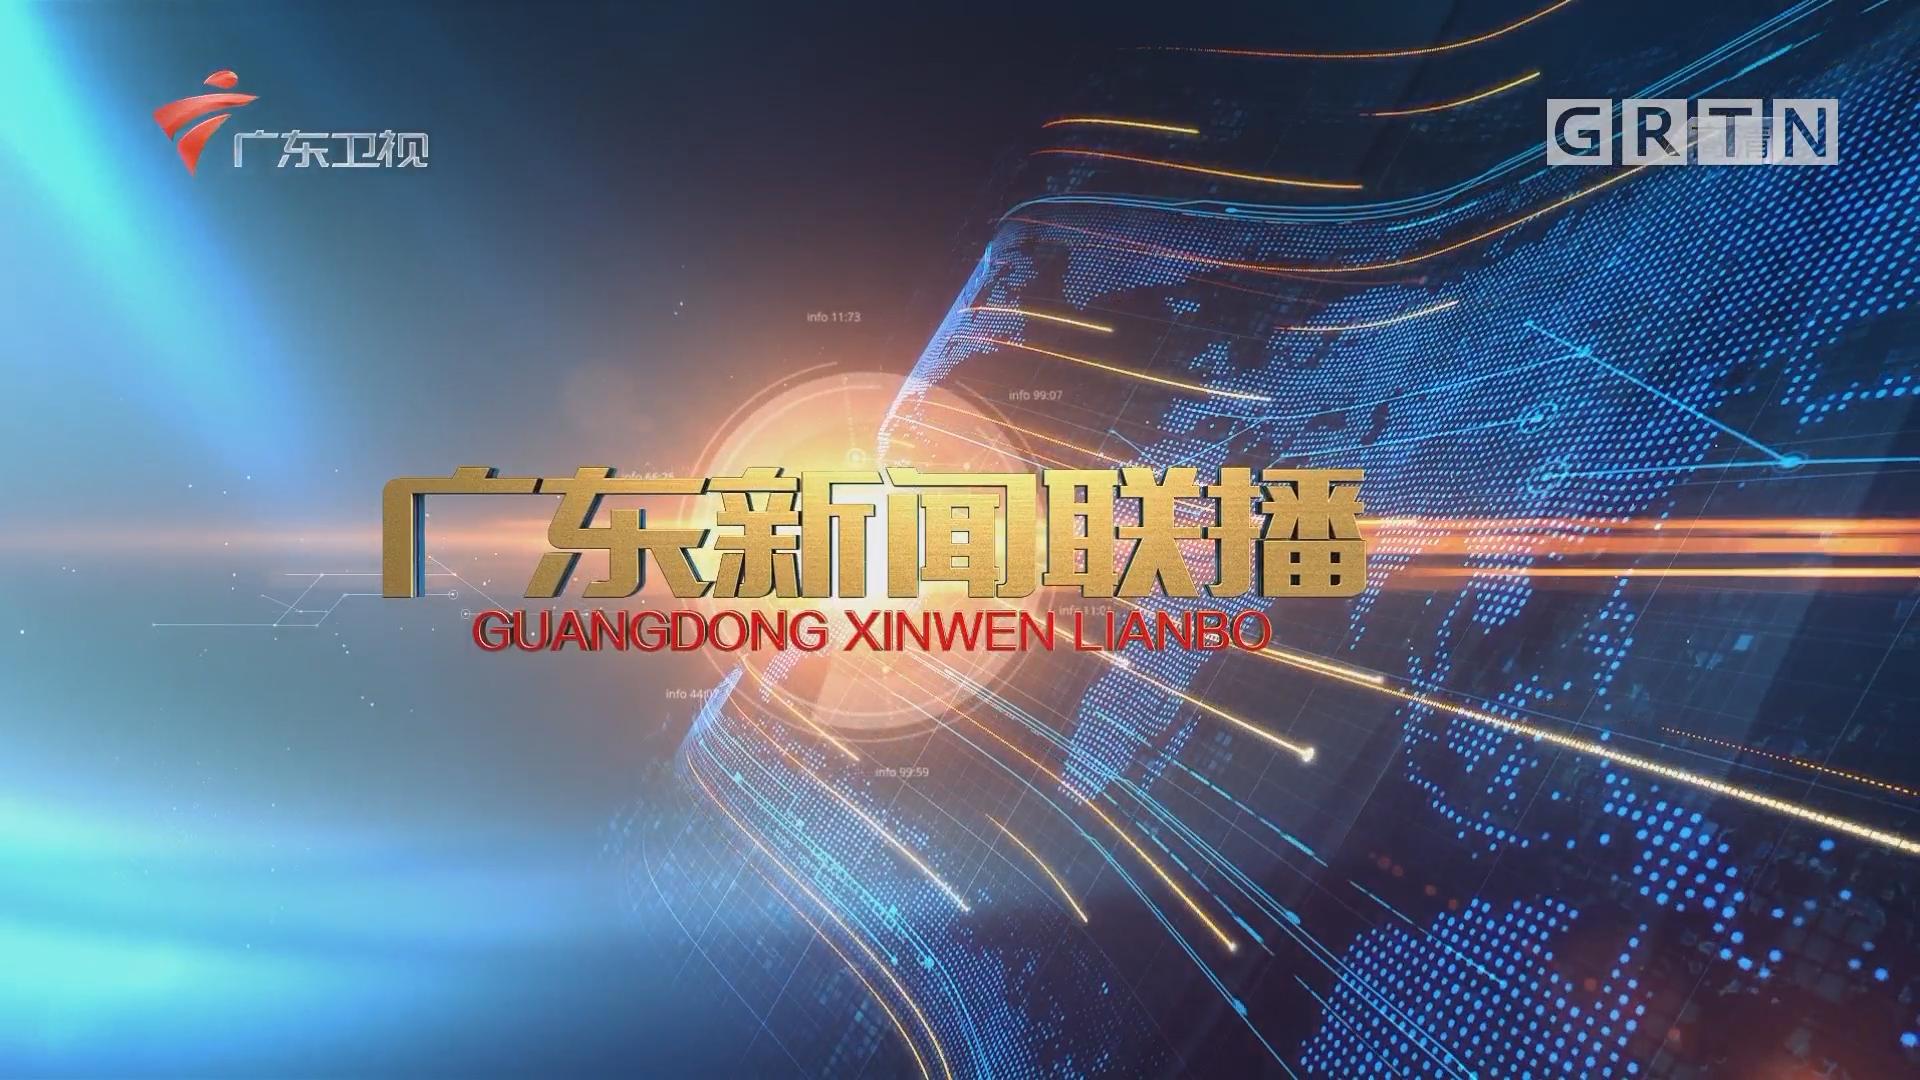 [HD][2019-02-04]广东新闻联播:灯火璀璨人如织 花团锦簇迎新春